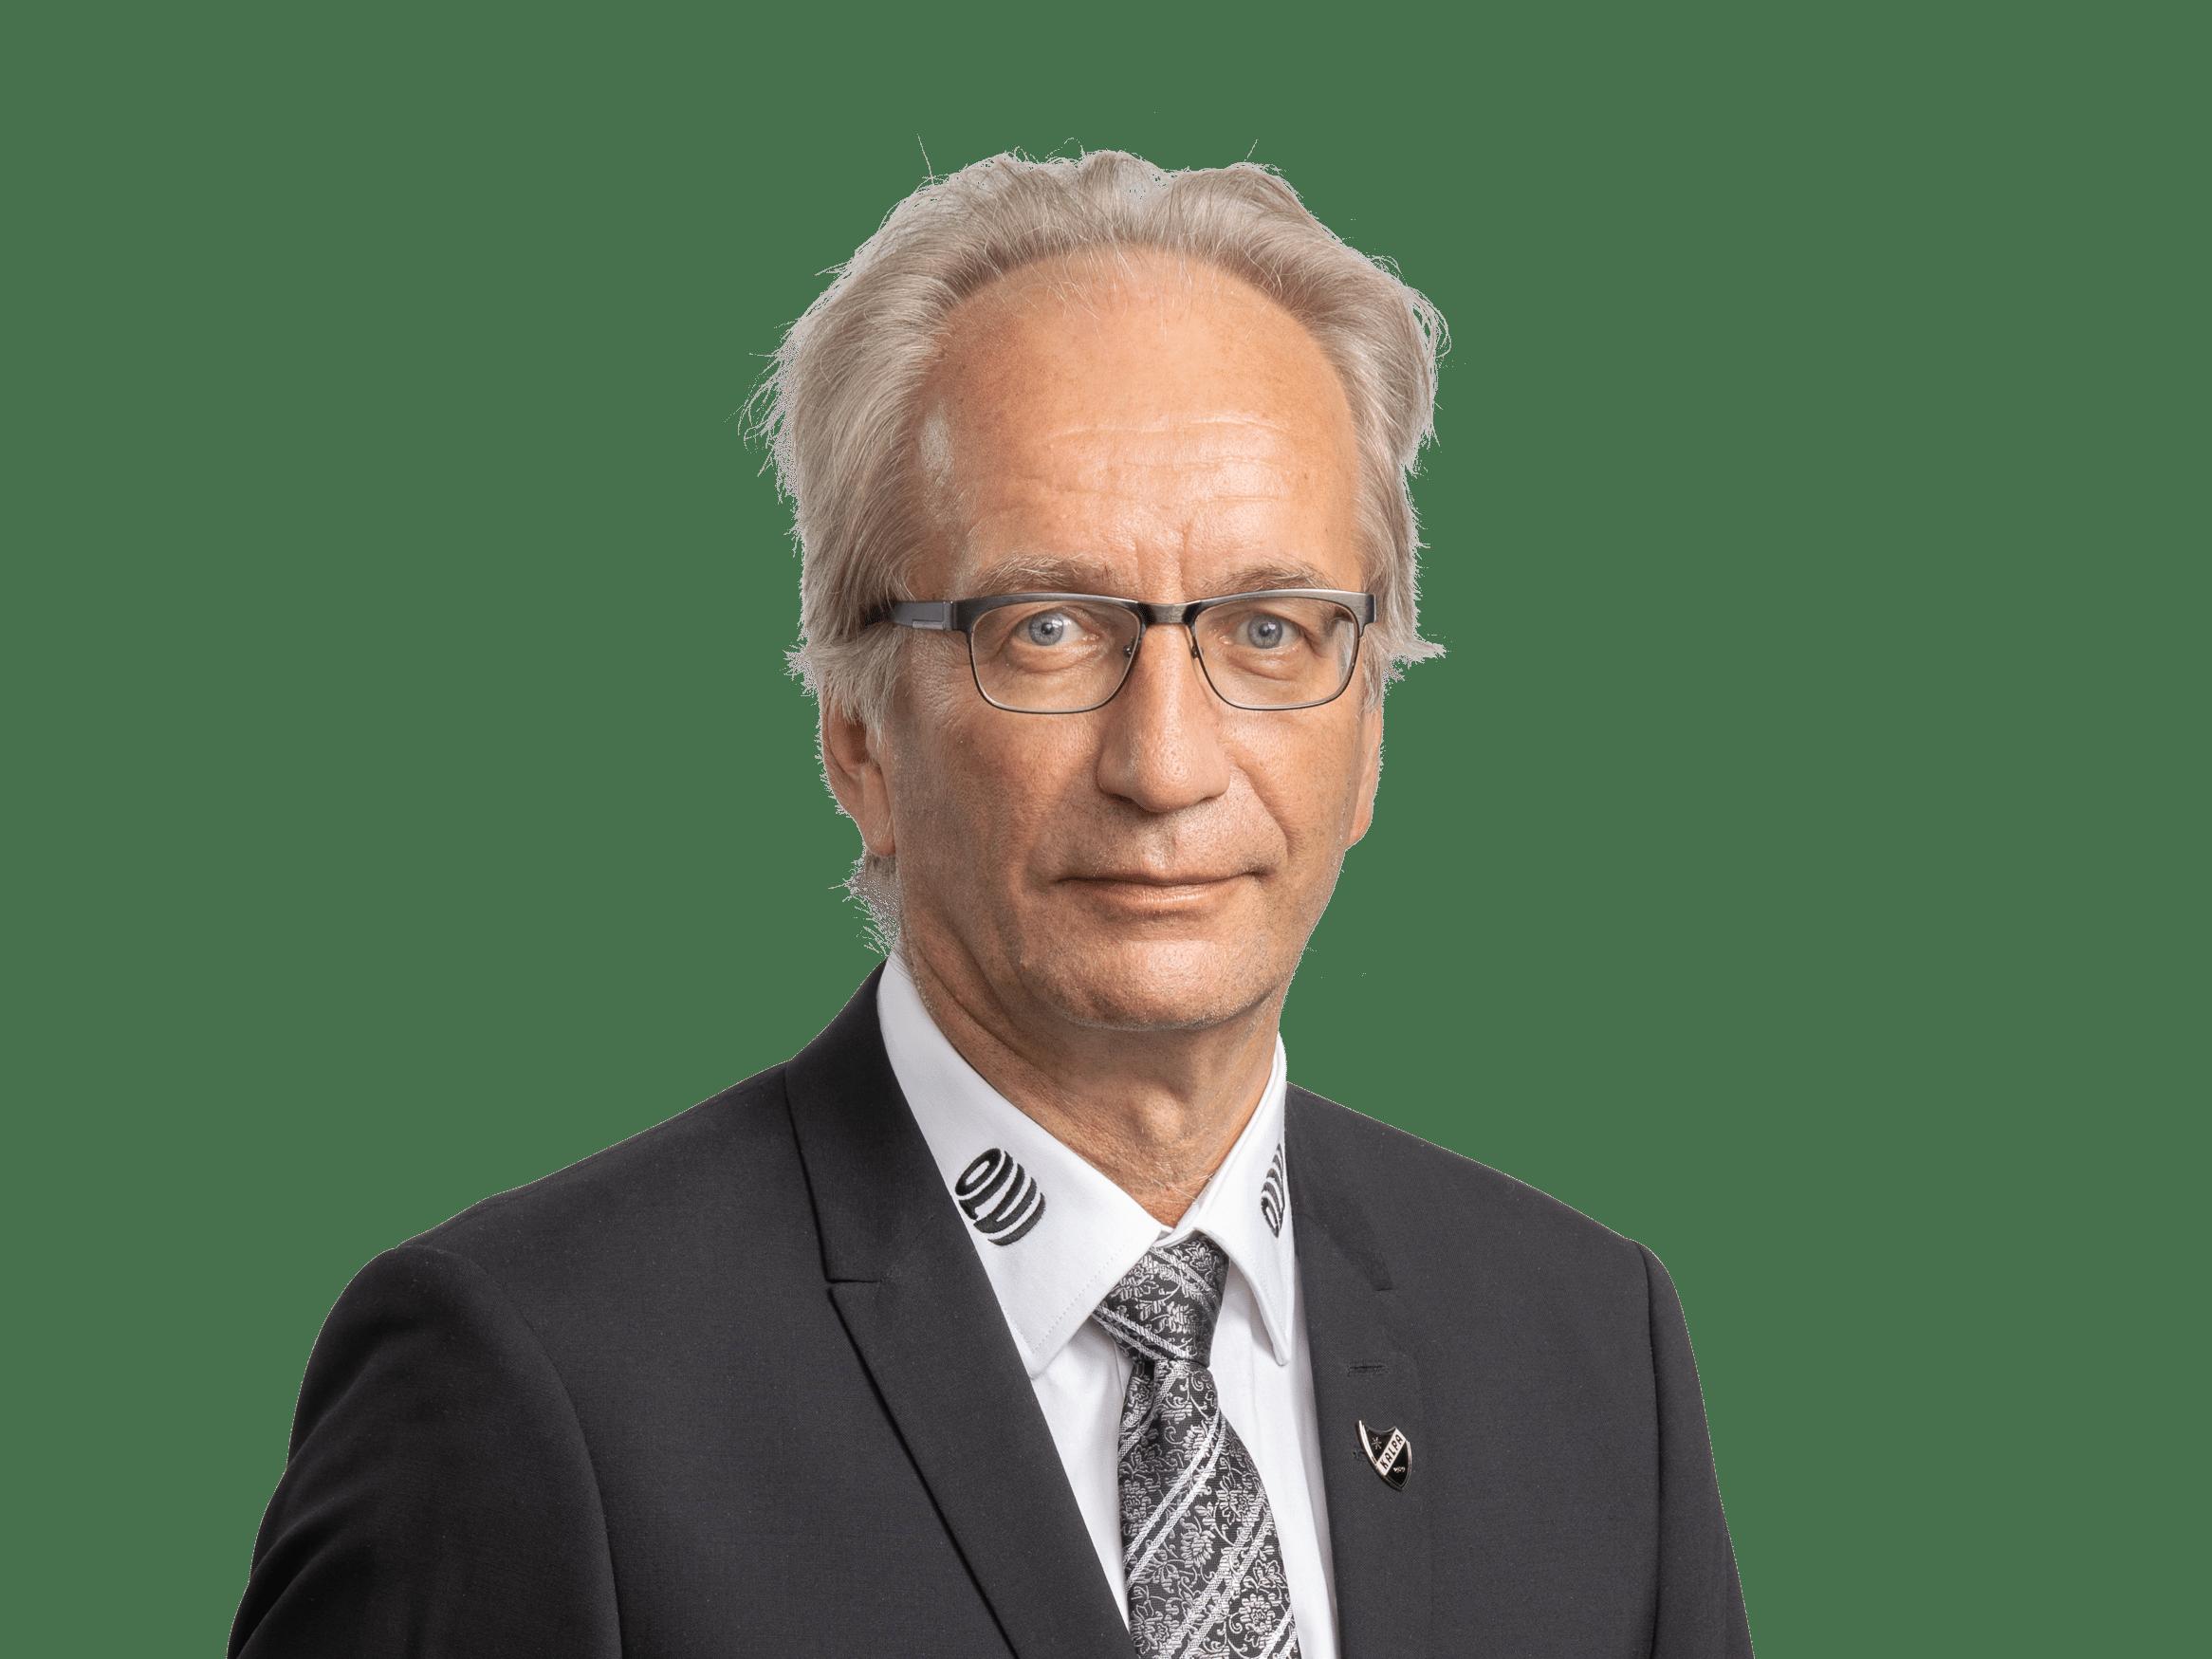 Lääkäri Olavi Airaksinen